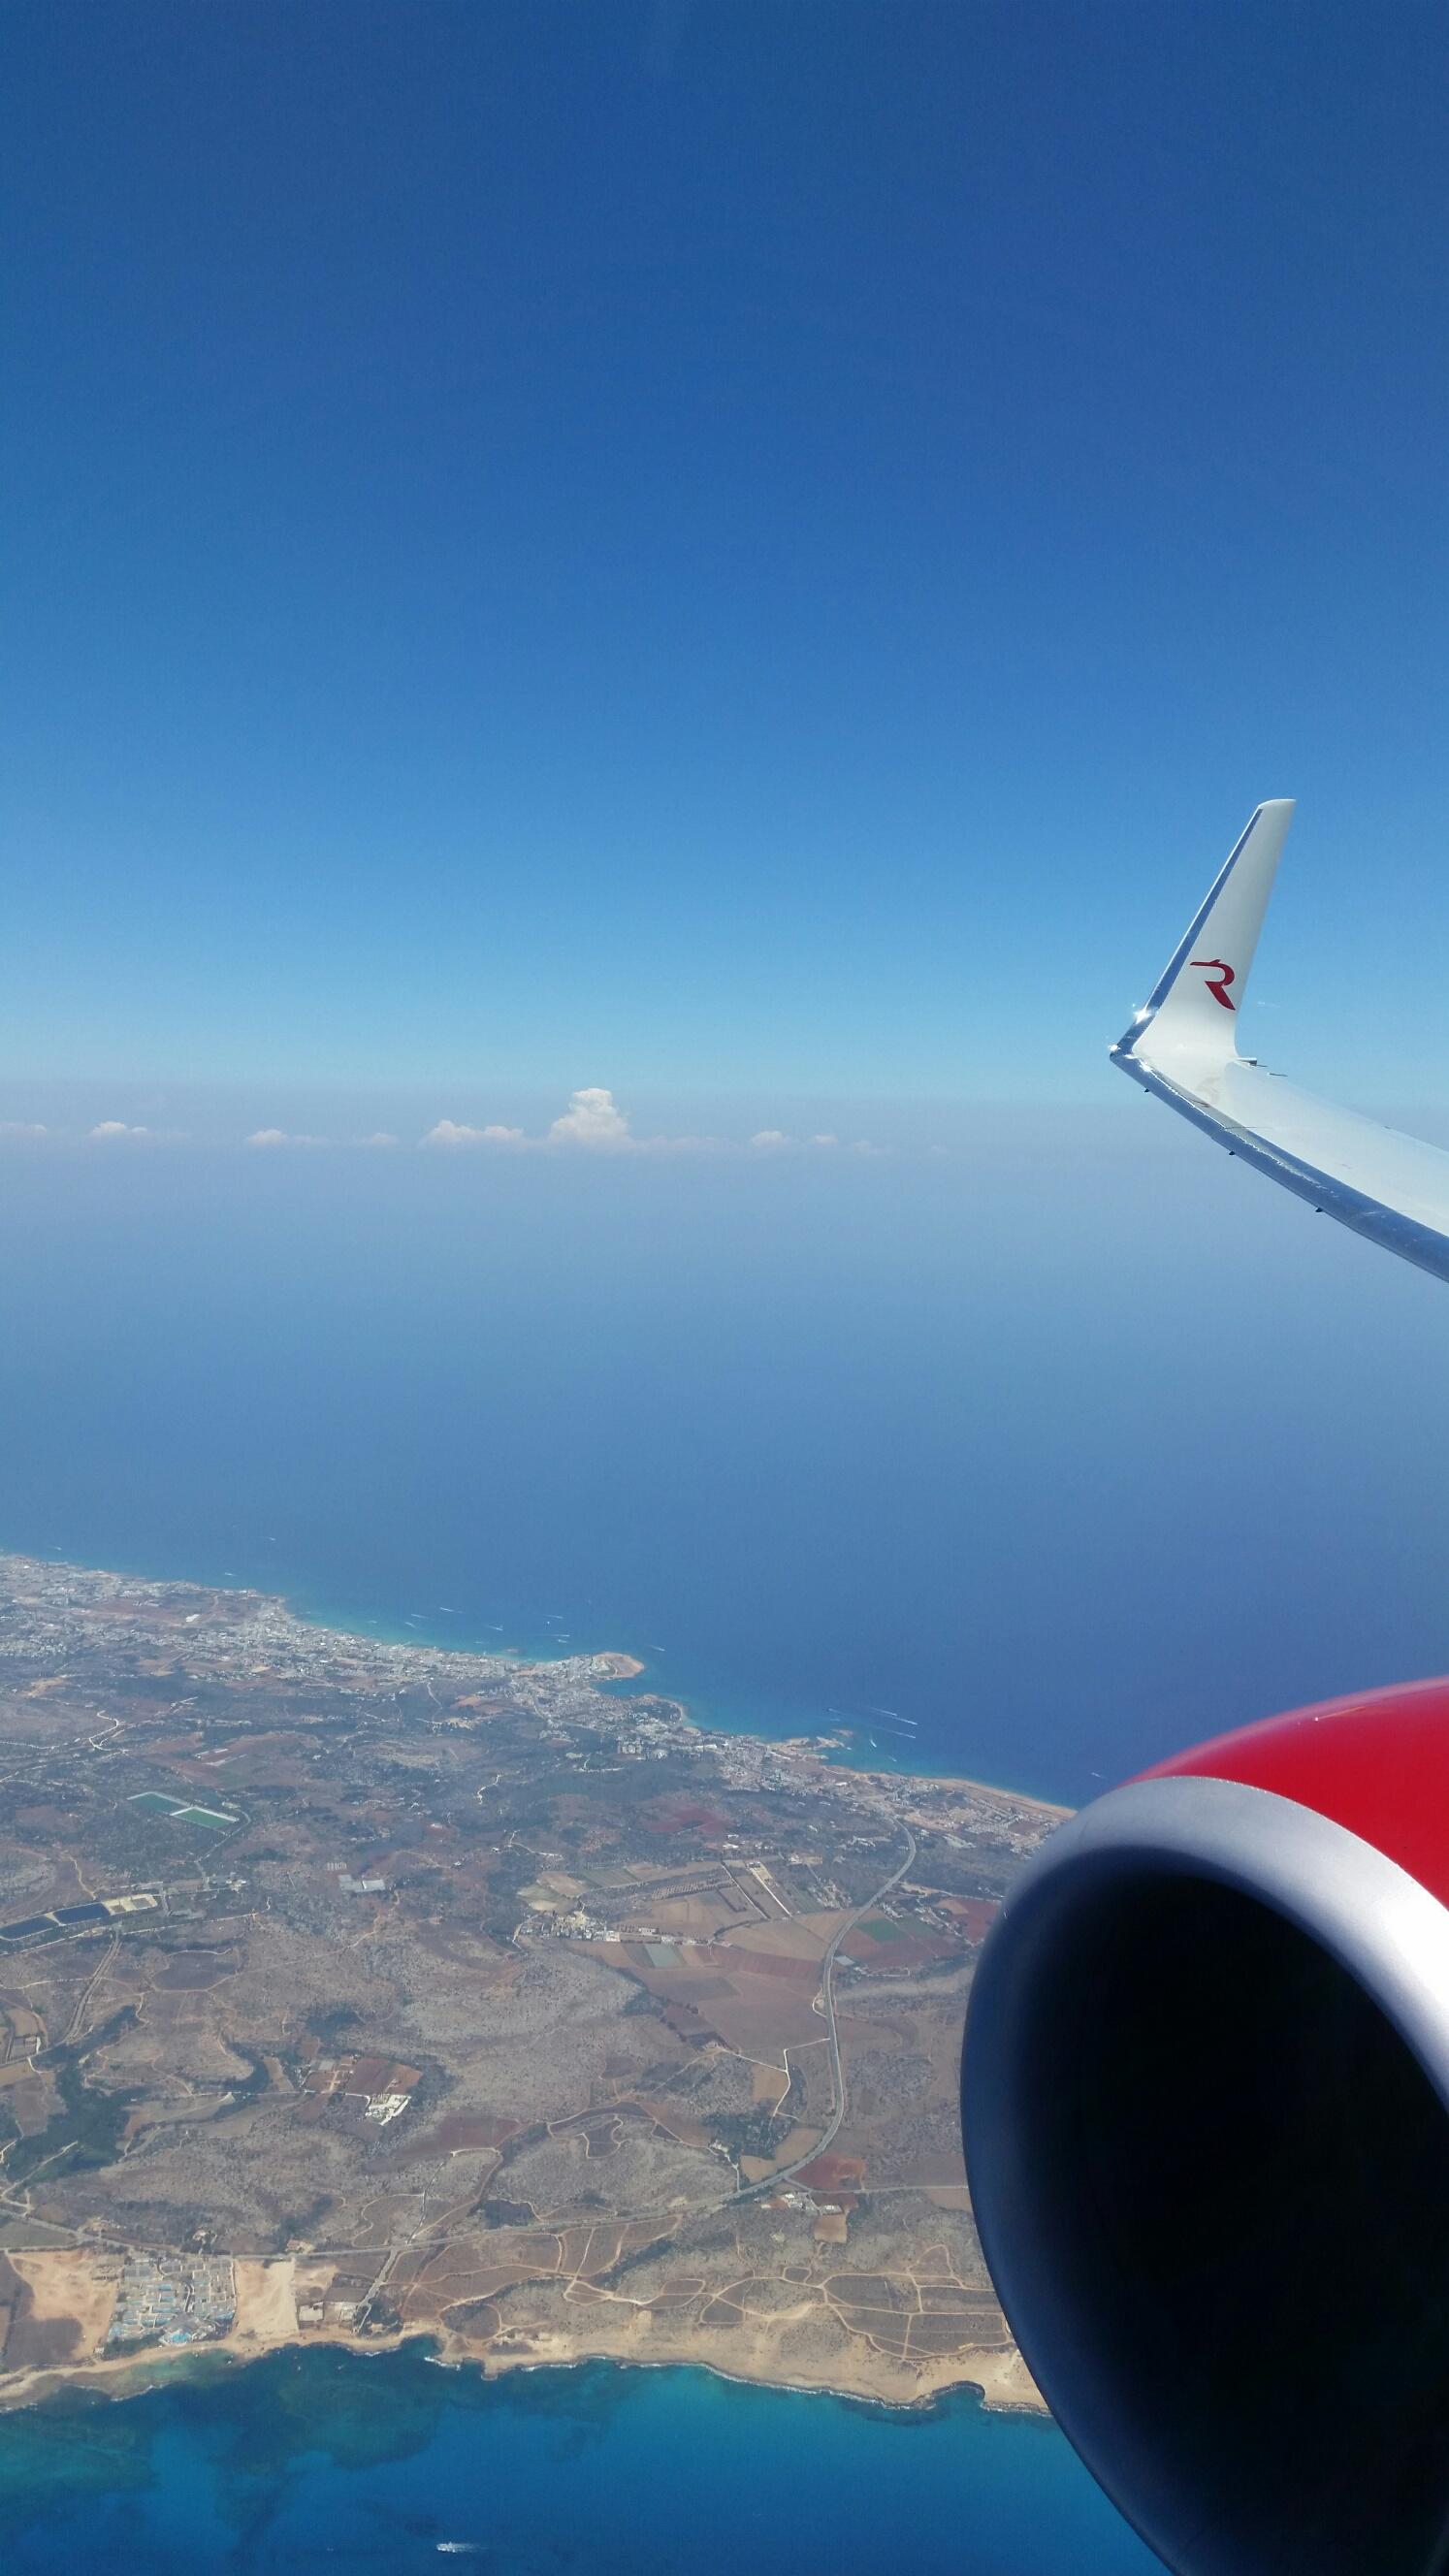 Под крылом самолёта .... Блиц: с высоты